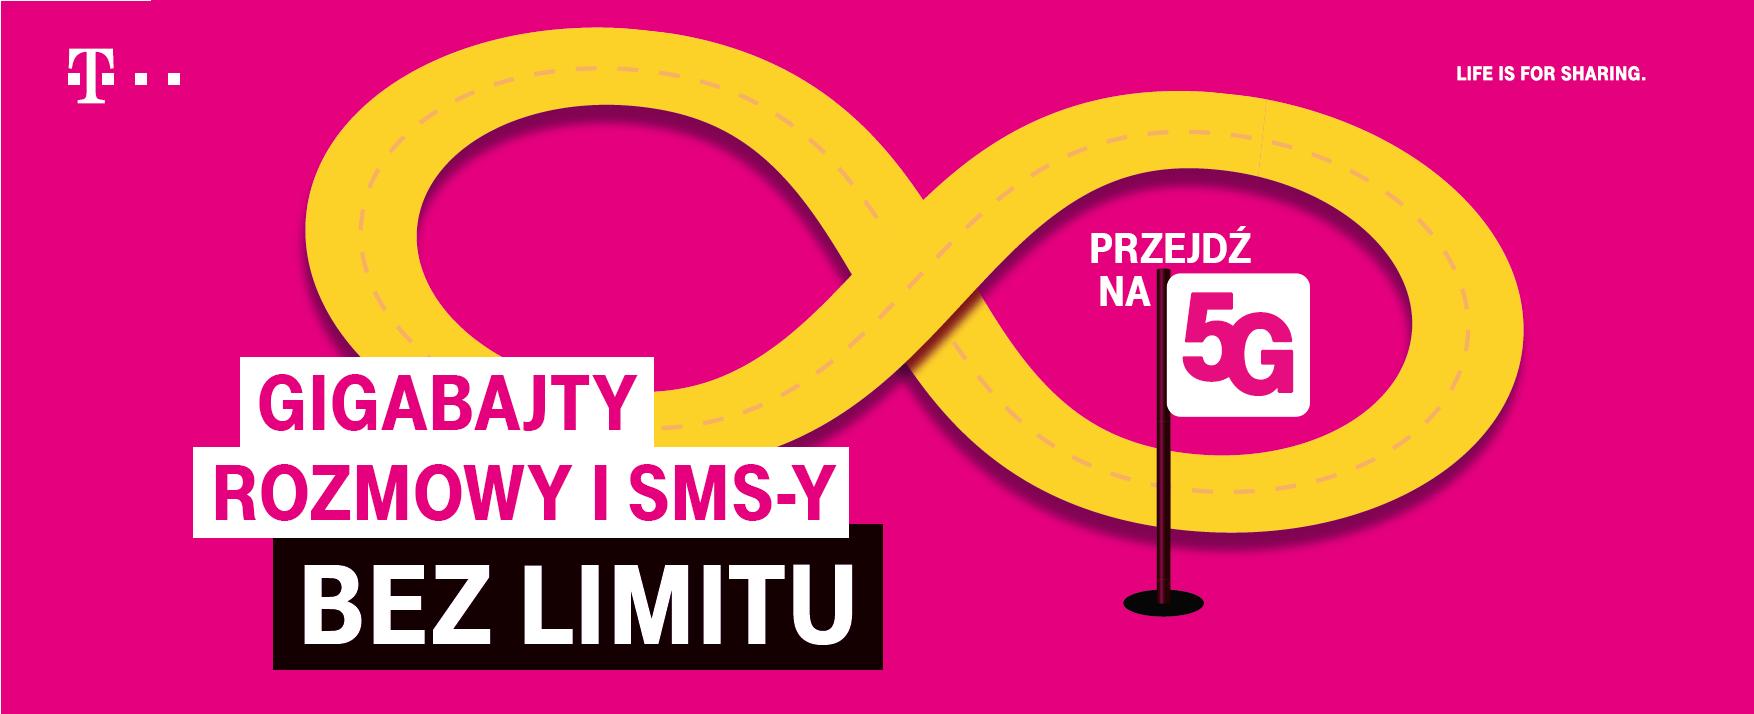 Taryfy dla tych, którzy nie lubią się ograniczać - T-Mobile z kampanią promującą nowe oferty i 5G